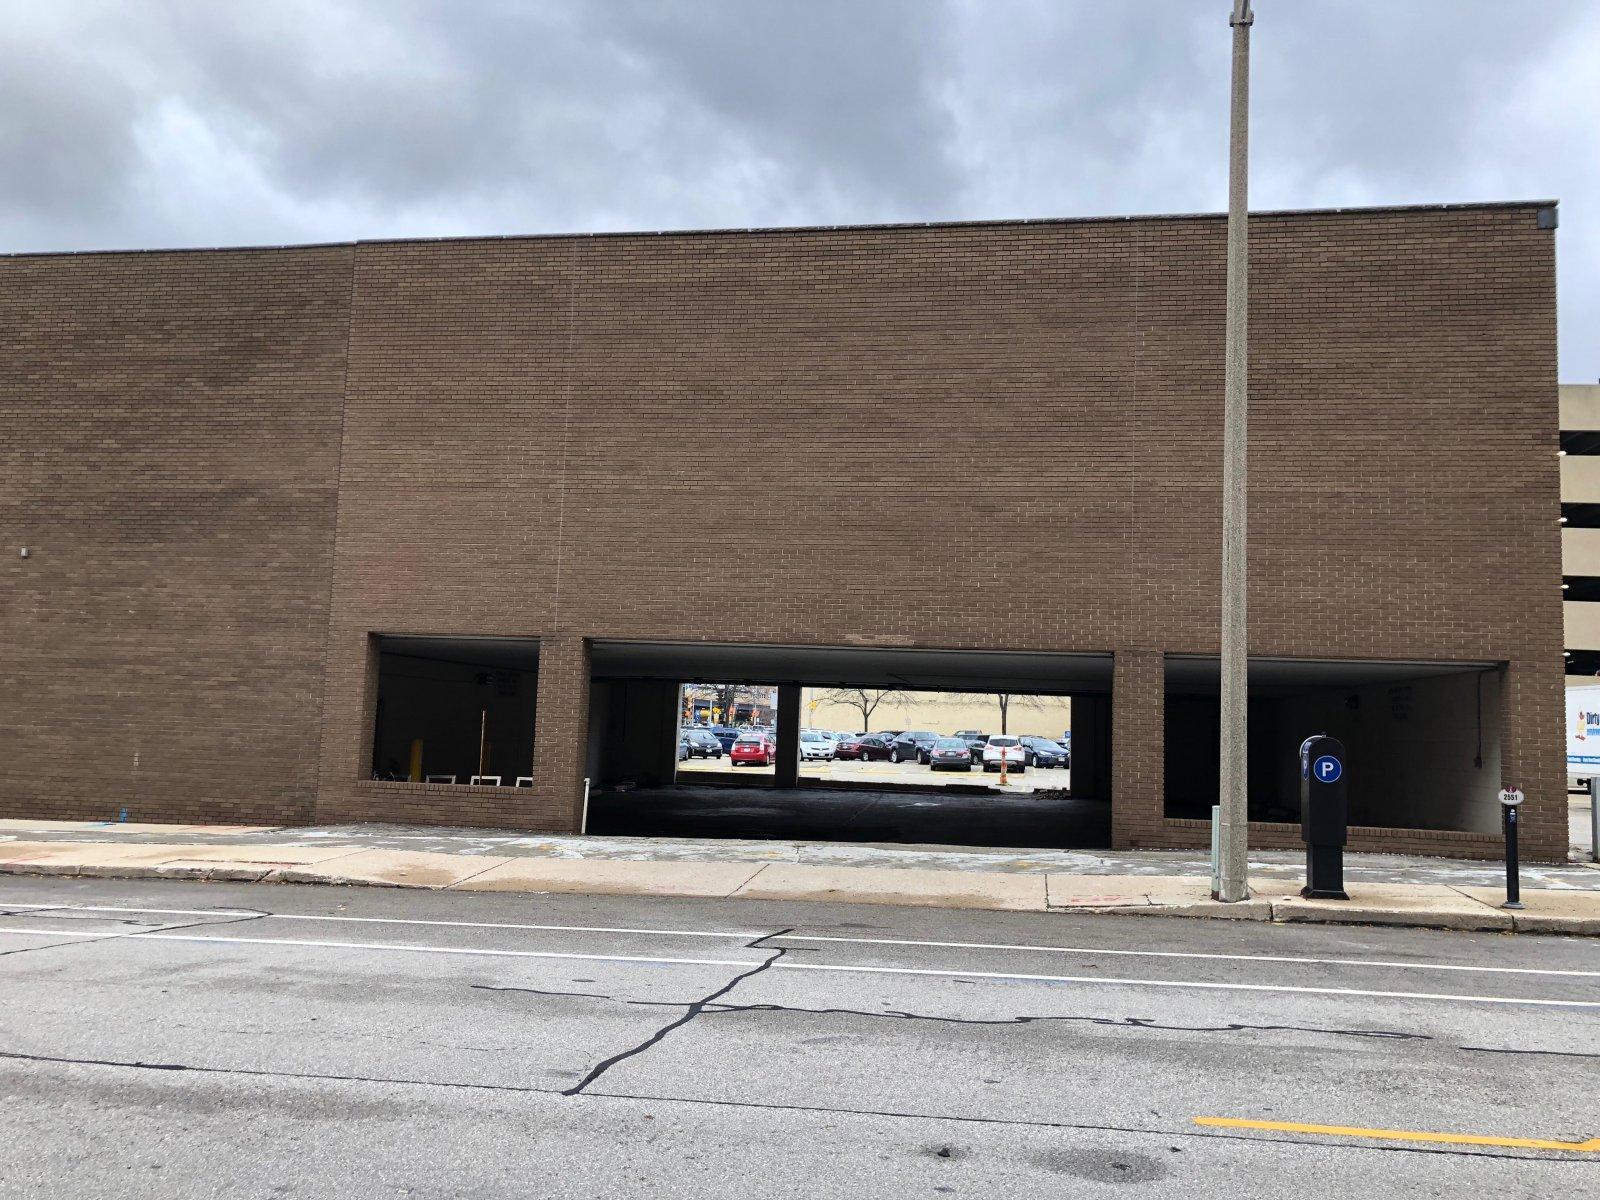 501 N. Jefferson St.